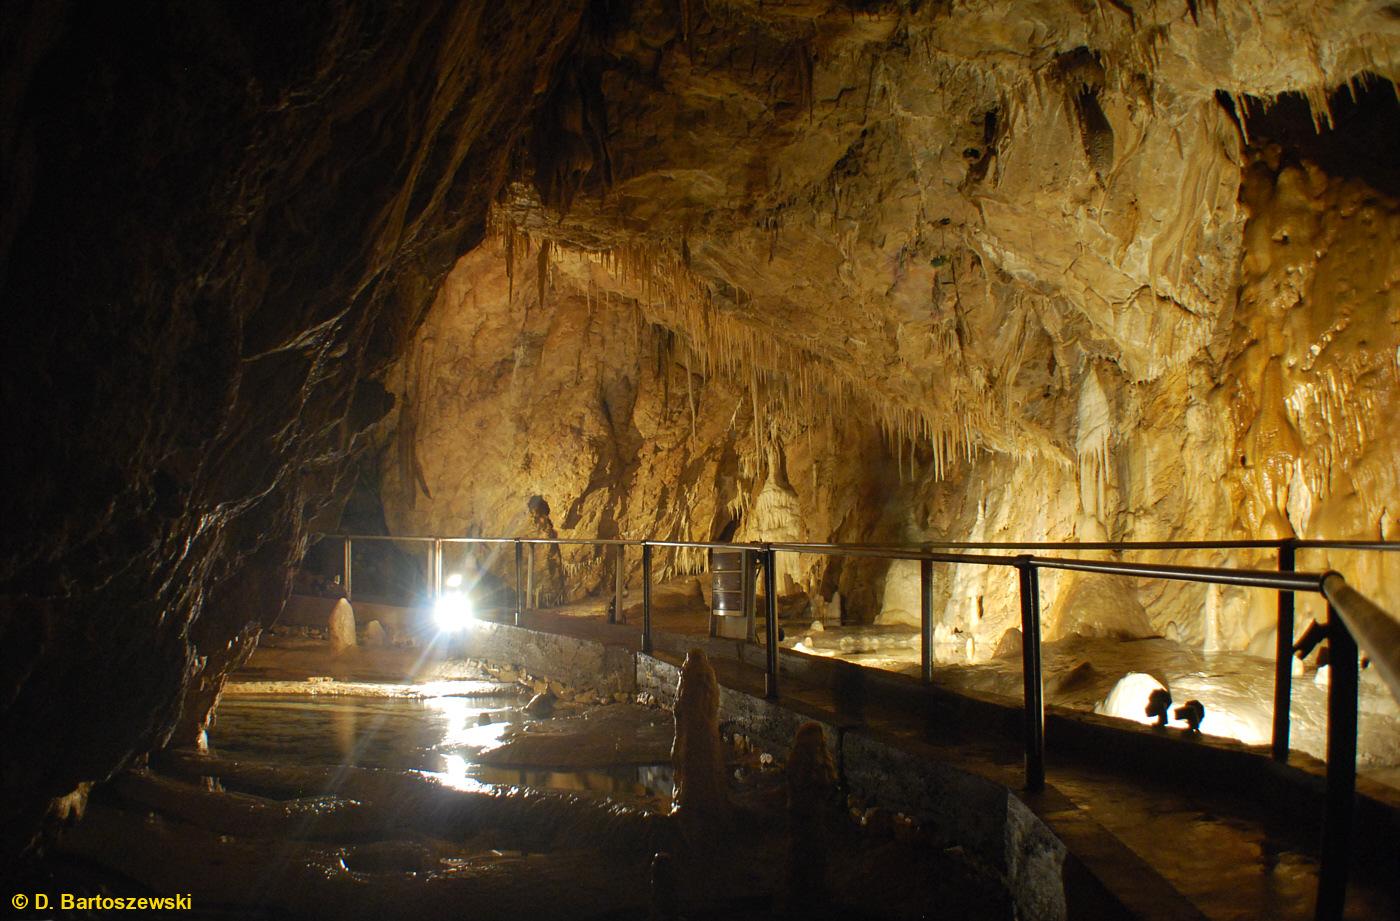 Kletno Jaskinia Niedźwiedzia